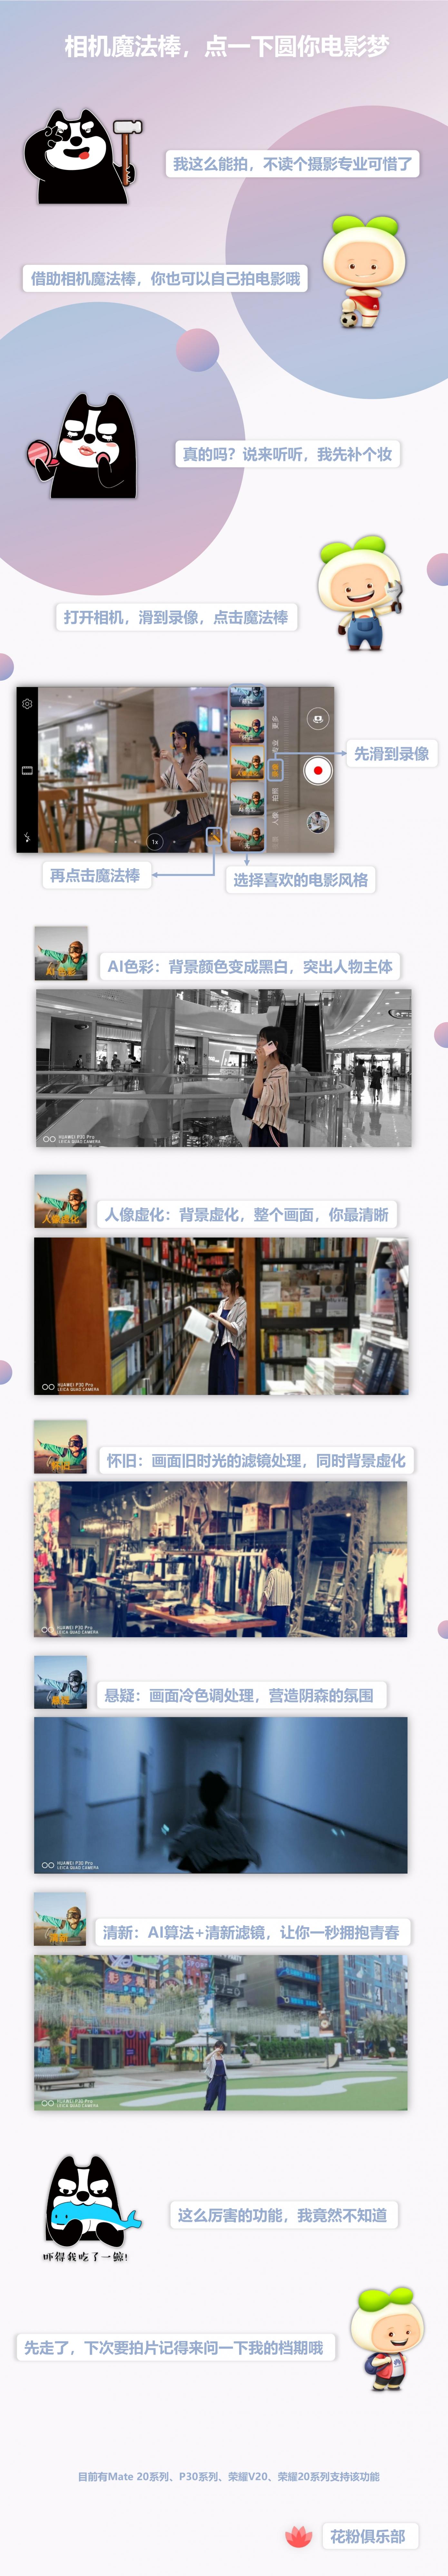 华为手机AI电影大师.jpg